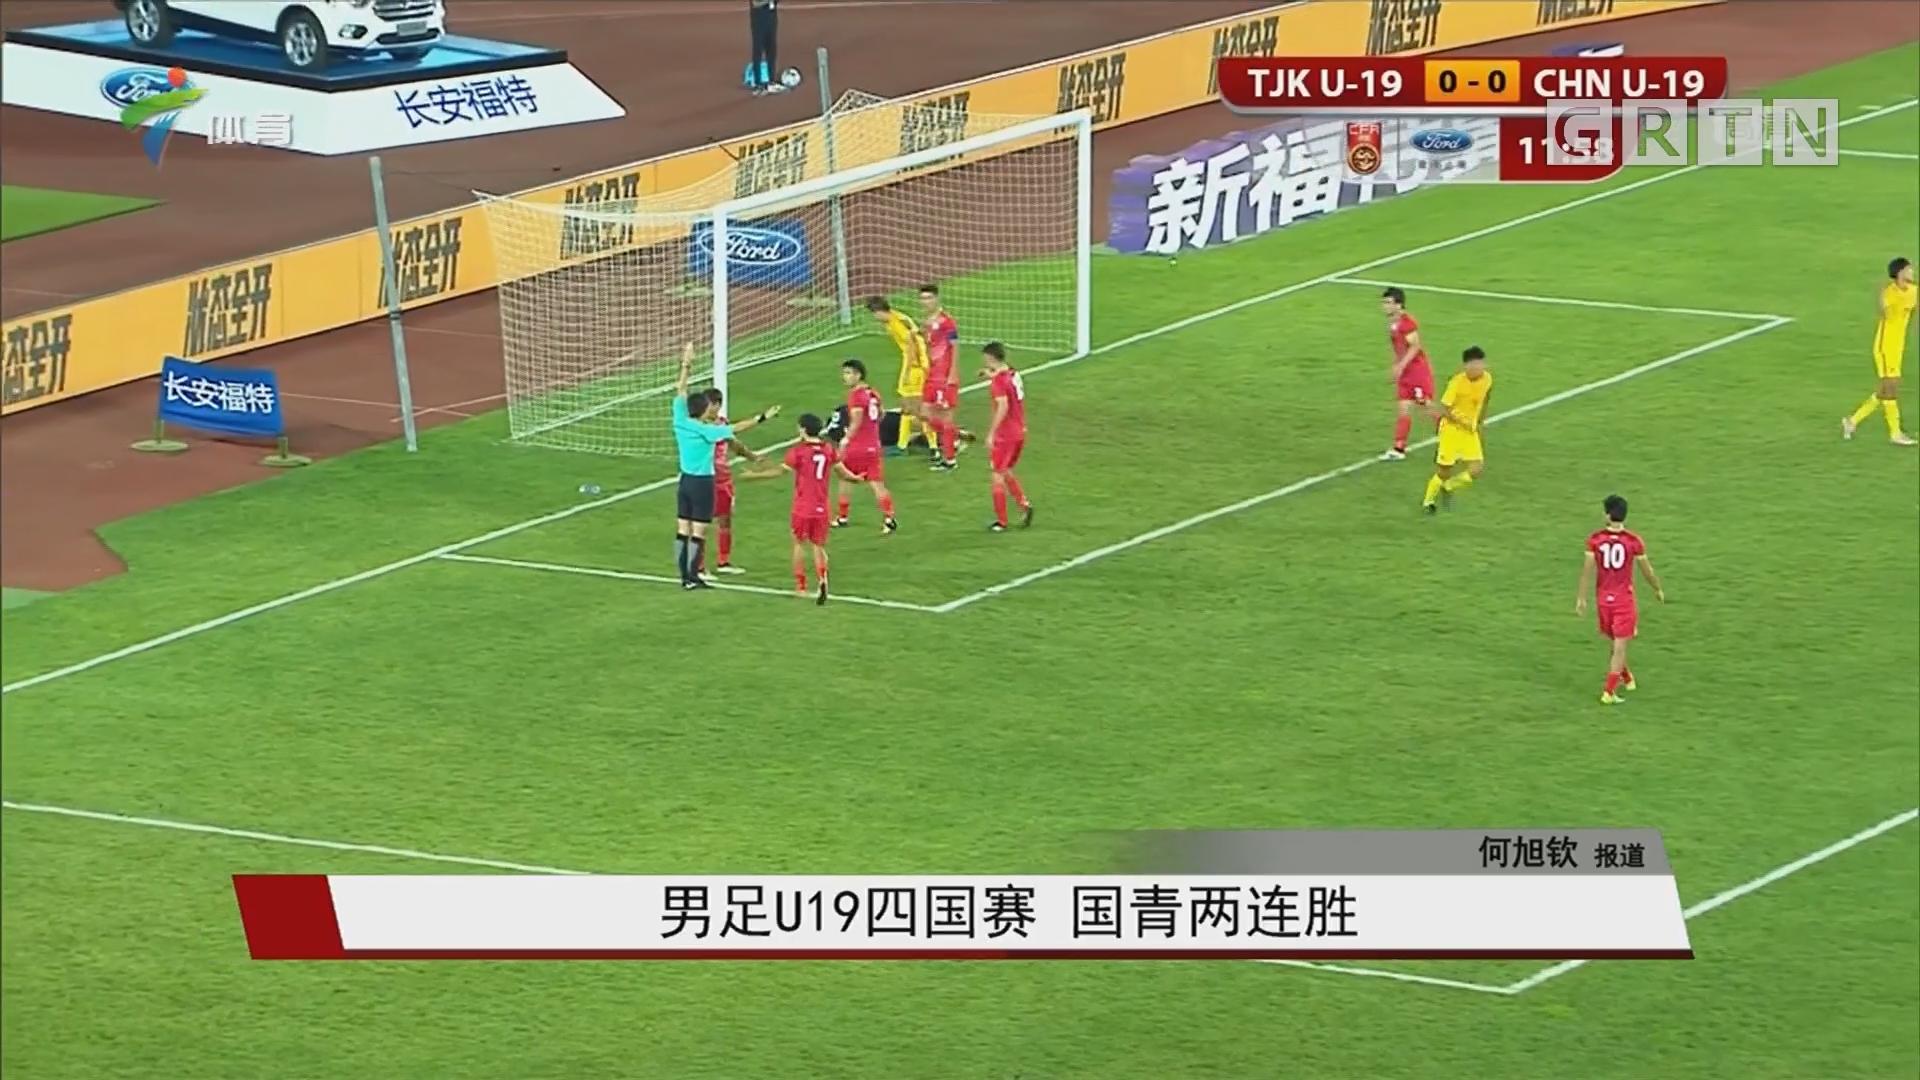 男足U19四国赛 国青两连胜